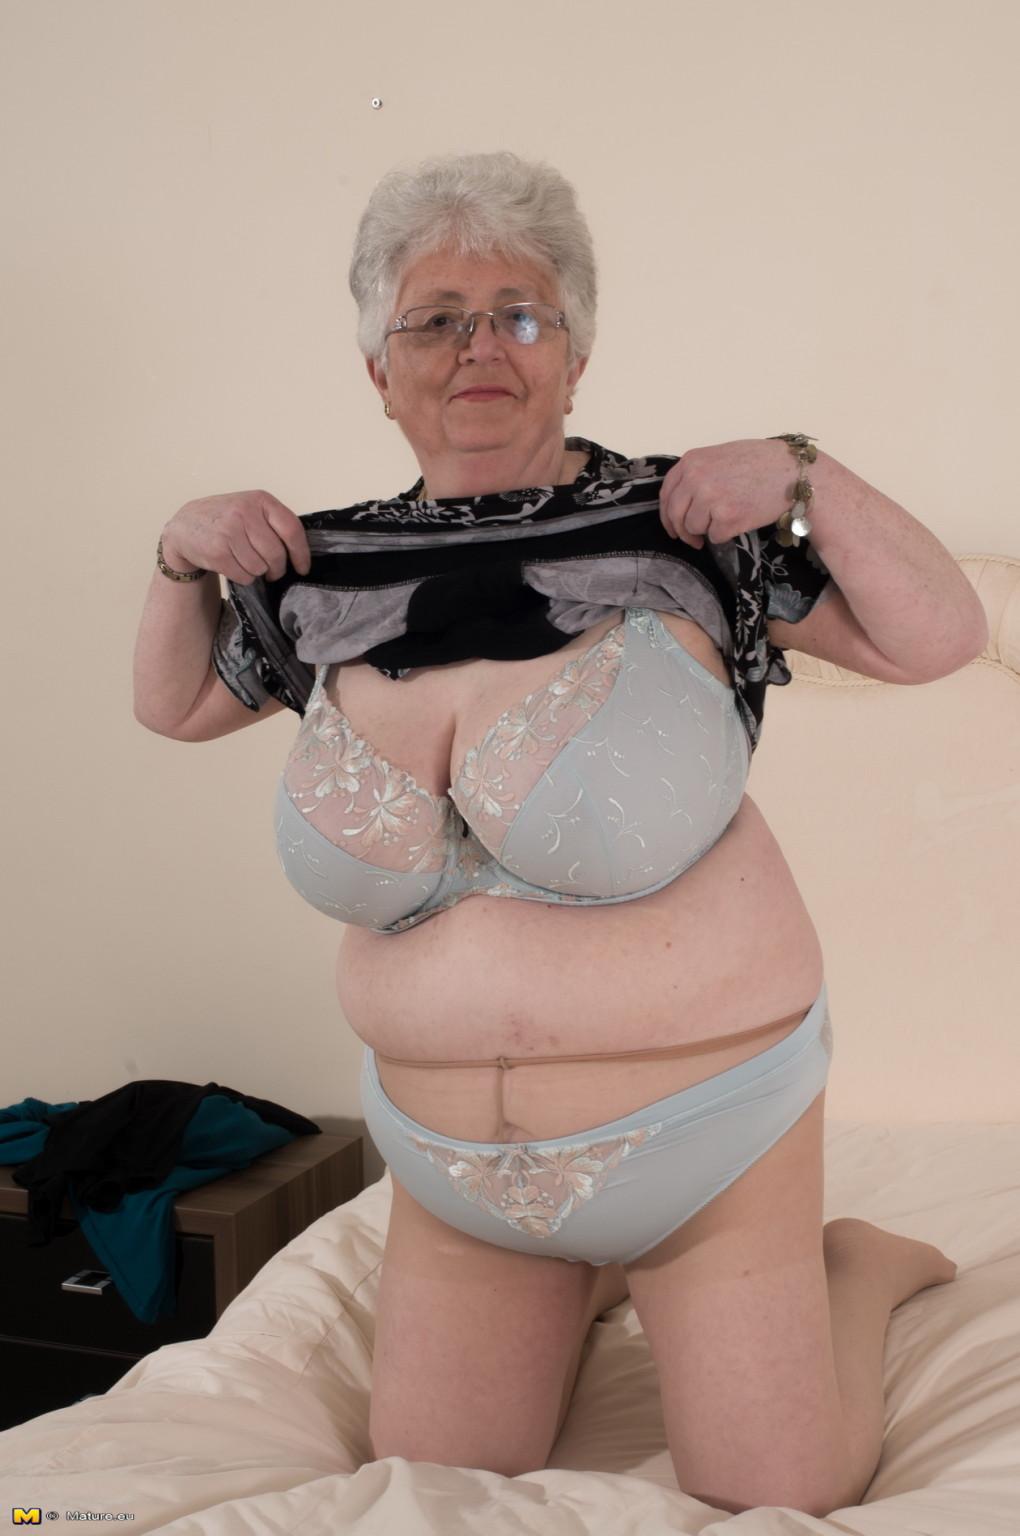 Пожилая женщина не сдает позиции и принимает участие в эротической фотосессии